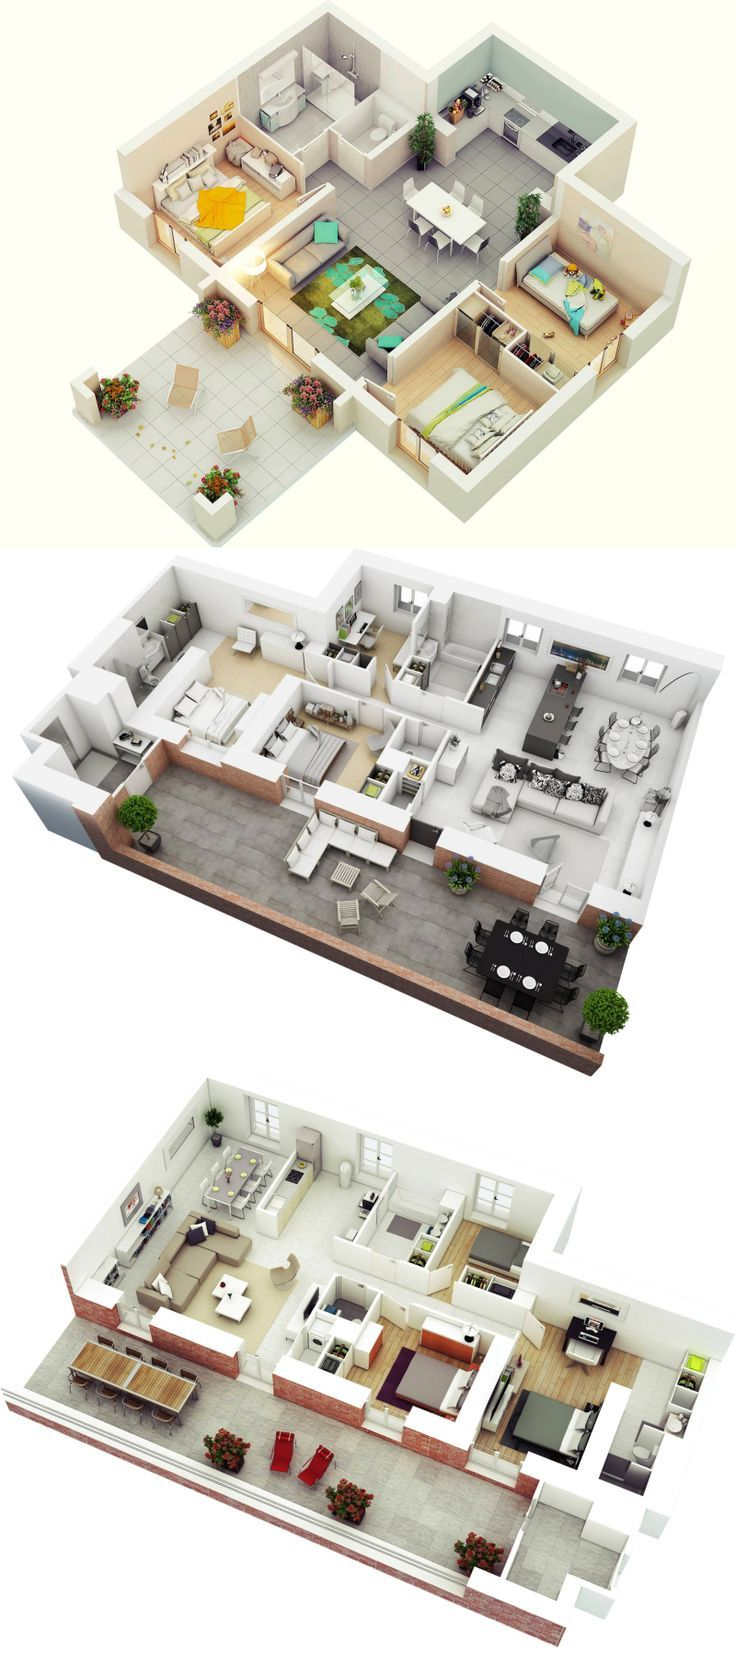 25 Weitere 3-Schlafzimmer-3D-Grundrisse - #3Schlafzimmer3DGrundrisse #floorplans #Weitere #apartmentfloorplans